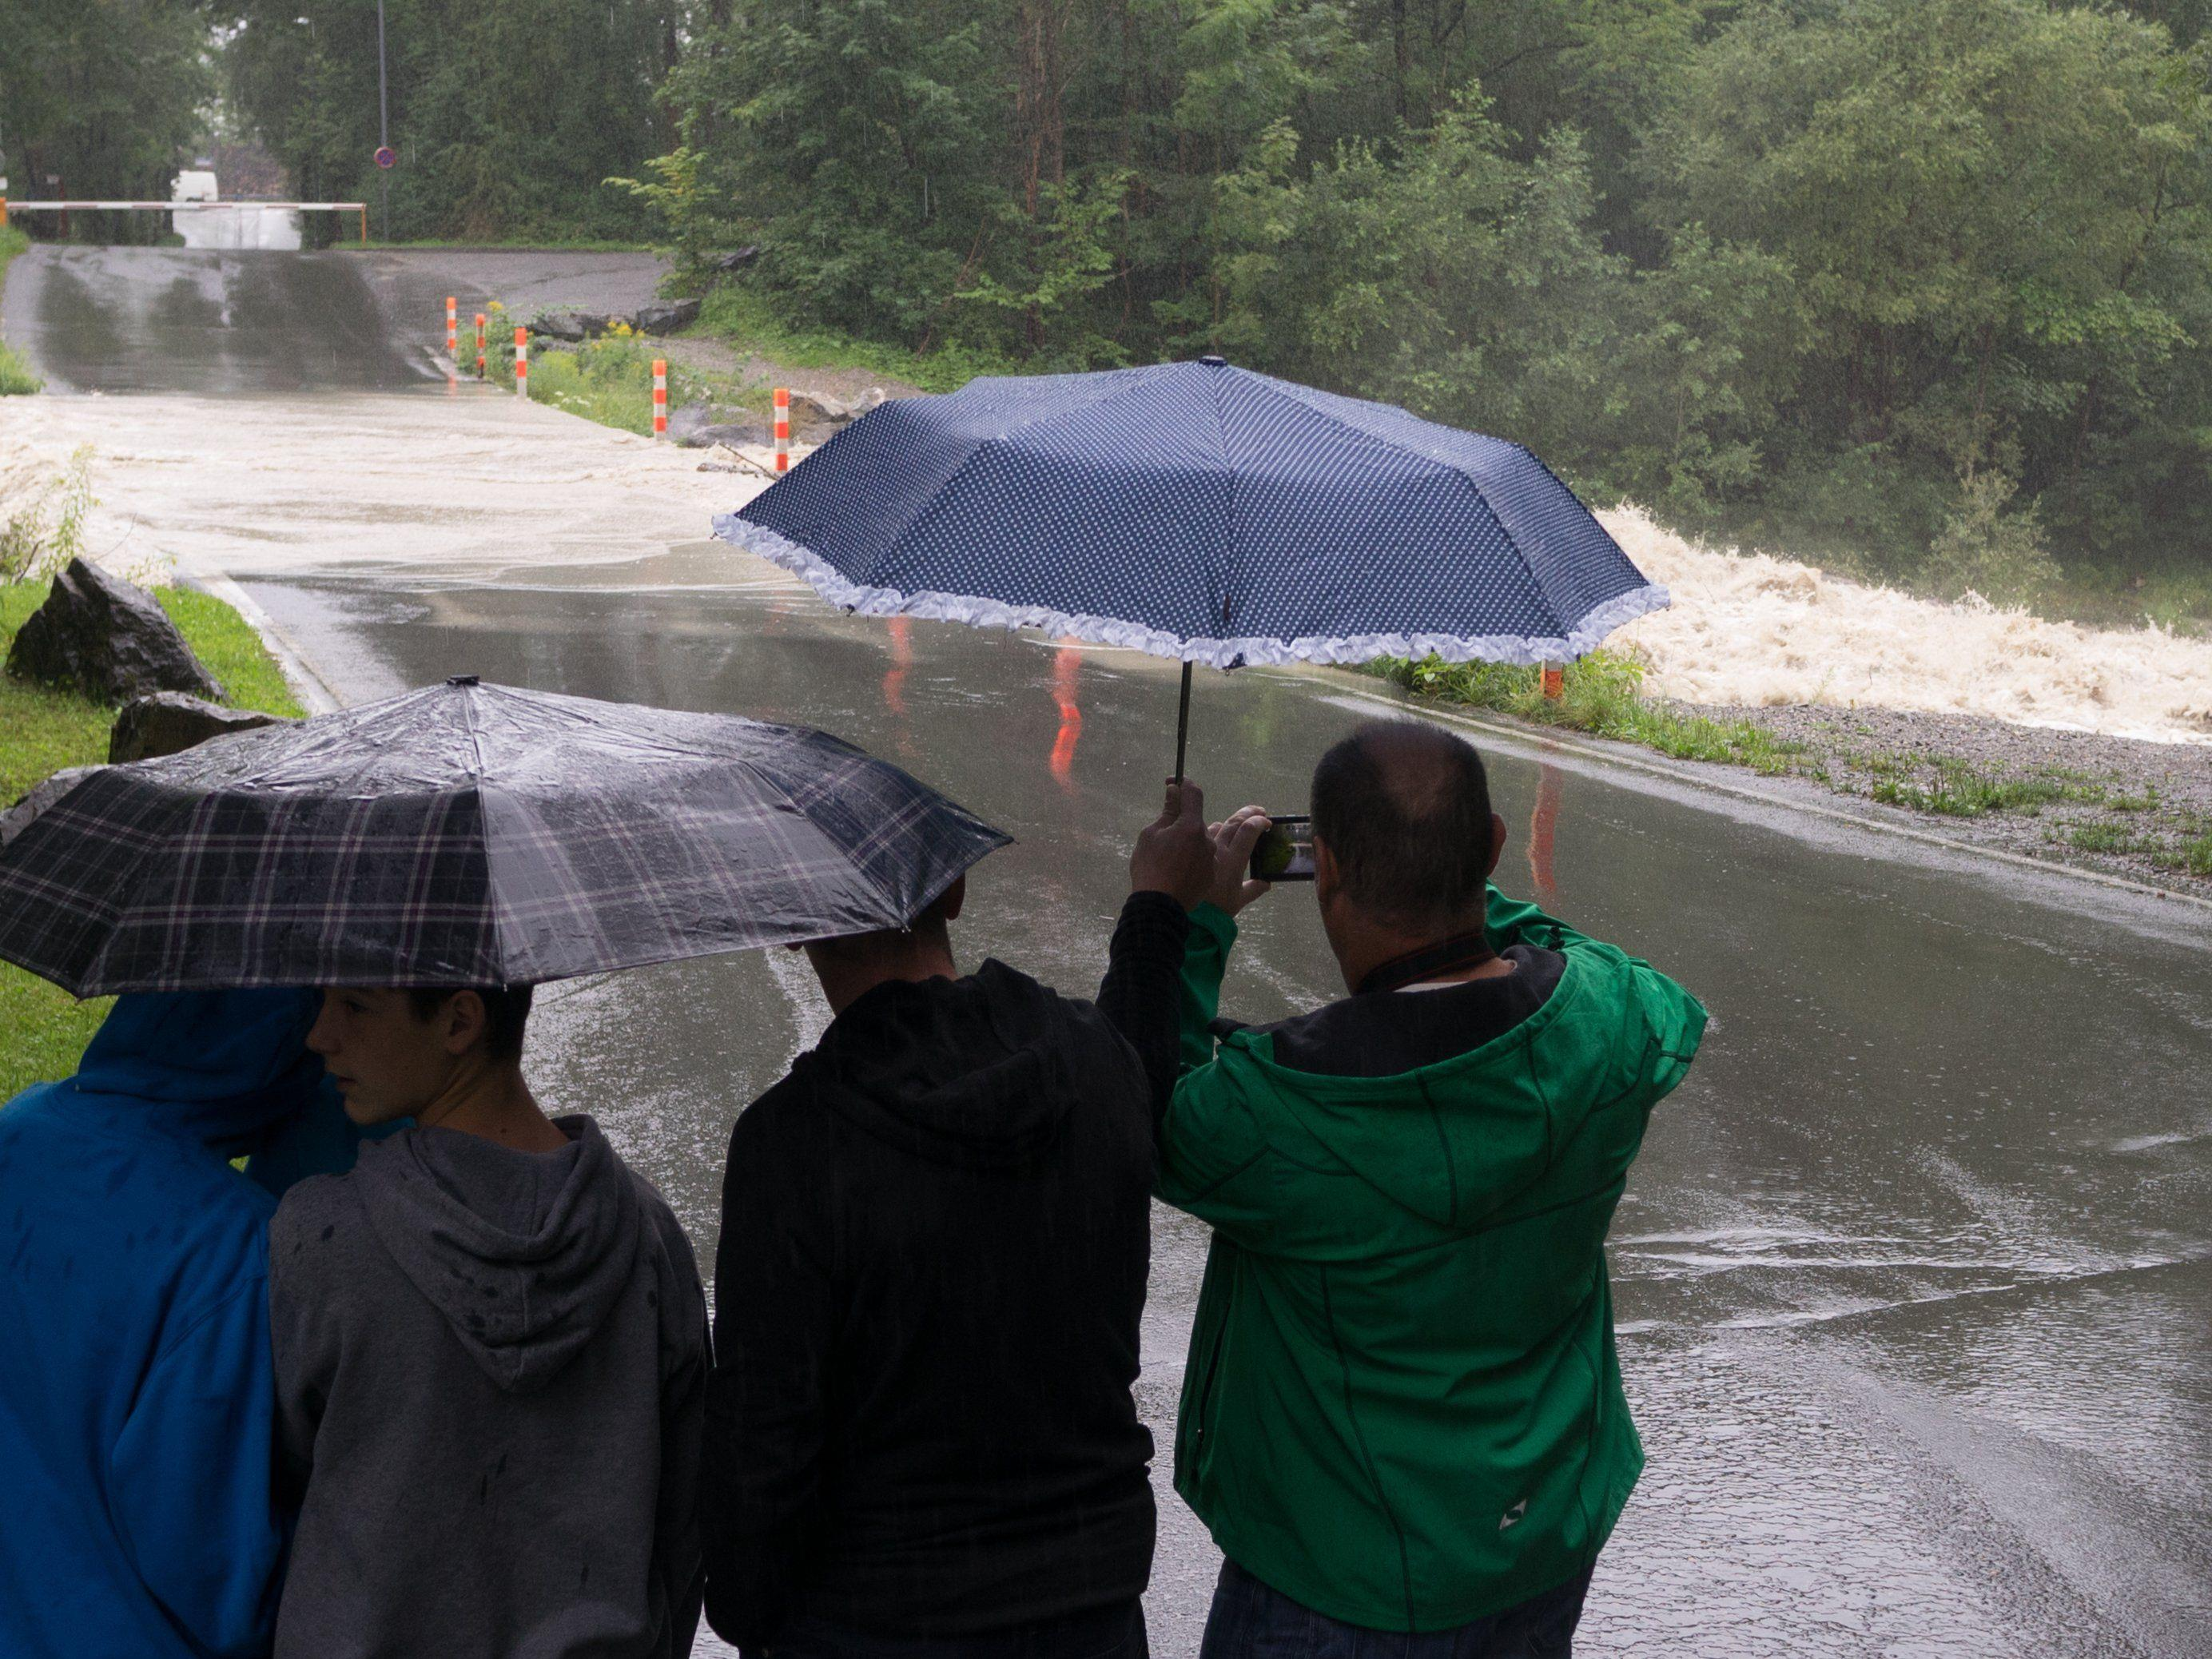 Der Regen ließ rechtzeitig nach, bevor es zu schwerern Überschwemmungen kommen konnte.